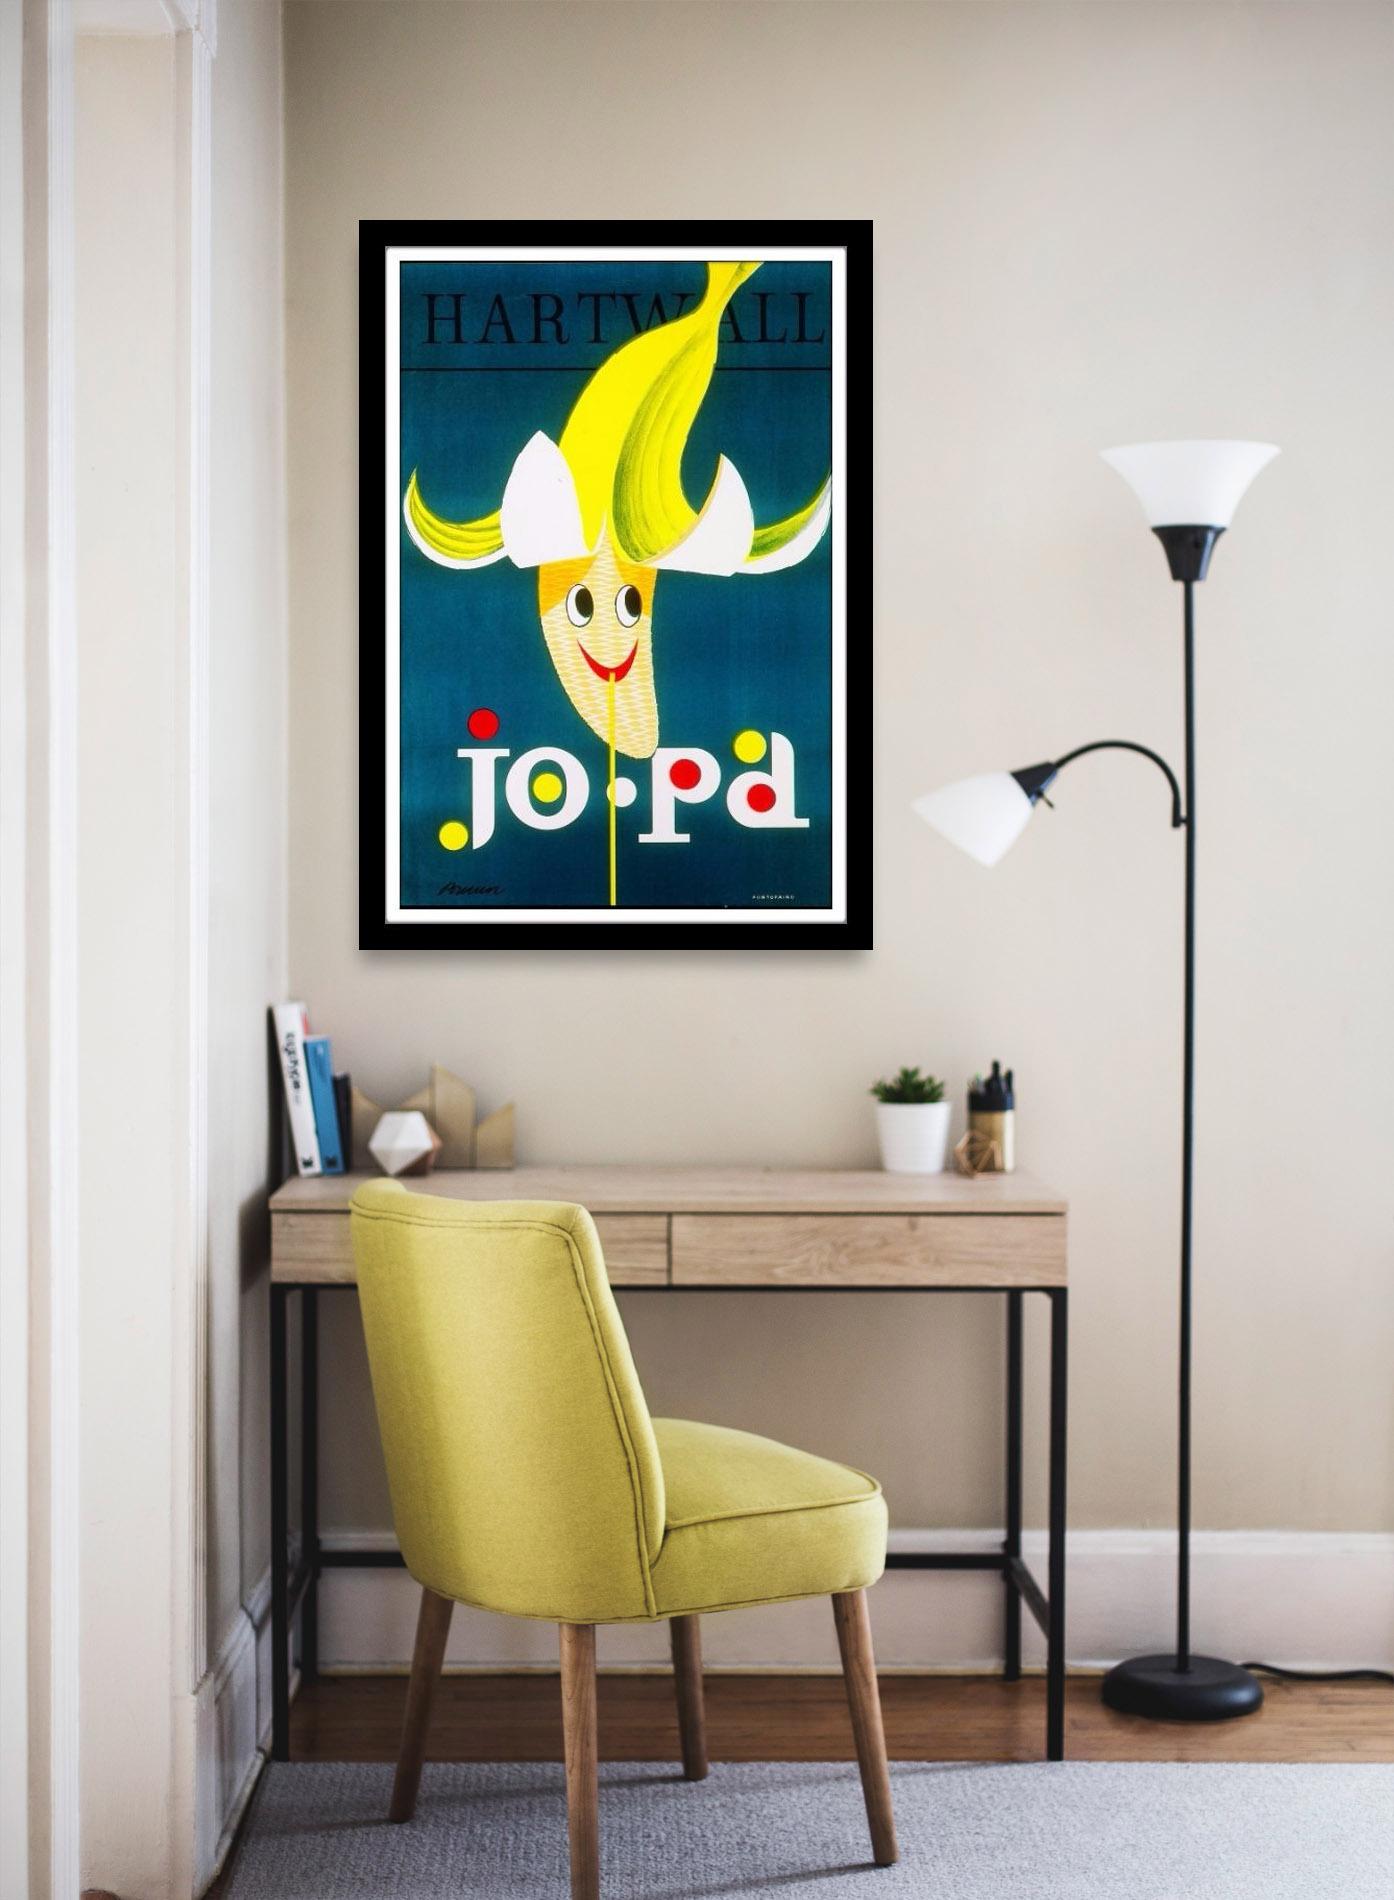 Hartwall Jopa